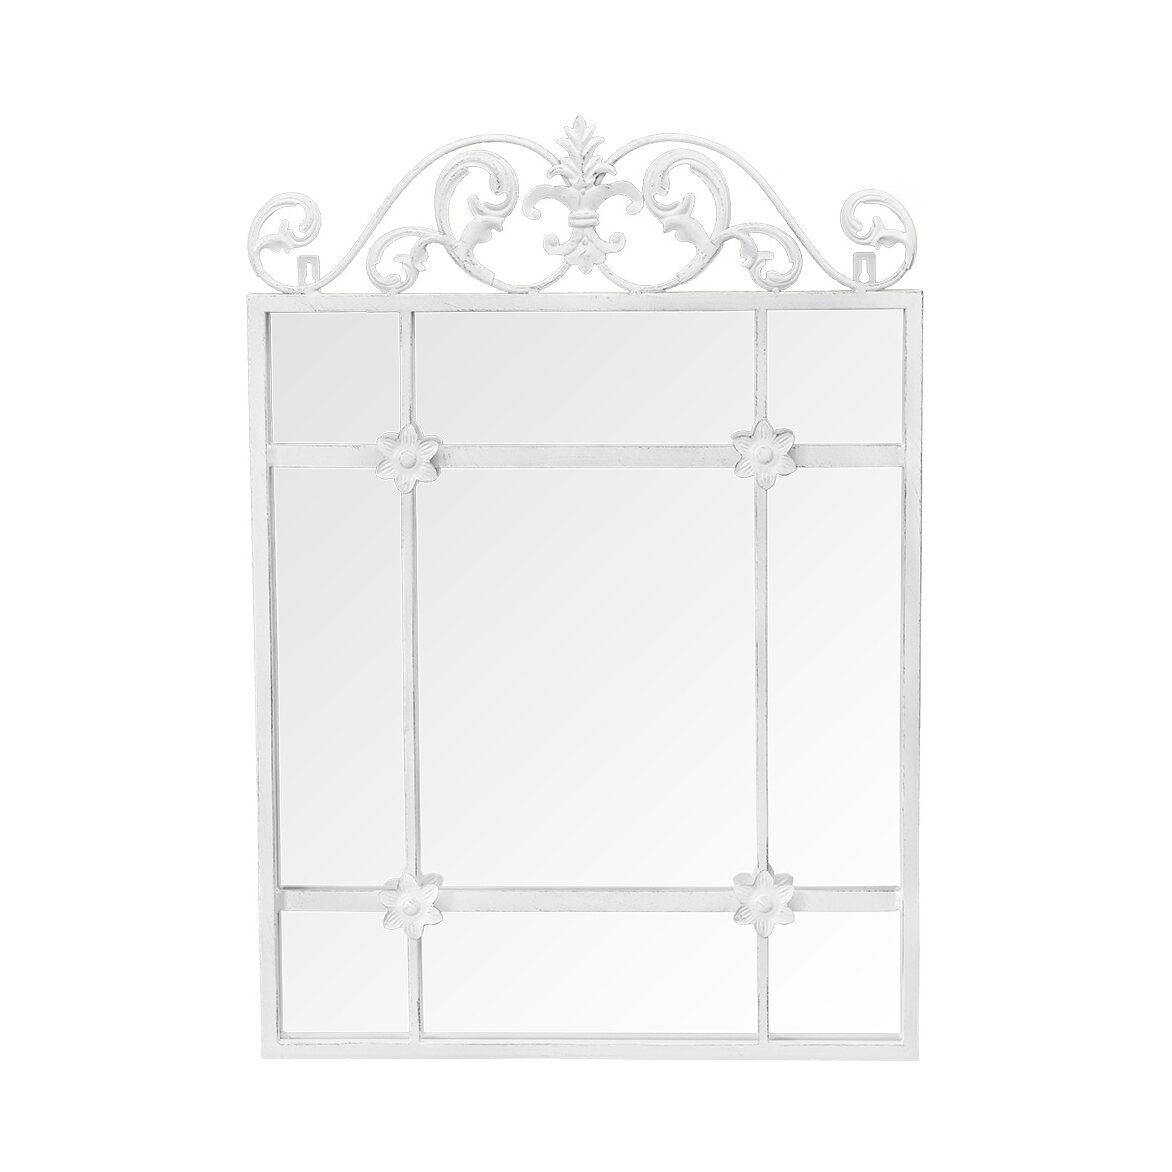 Настенное зеркало «Равель» (белый антик) | Настенные зеркала Kingsby